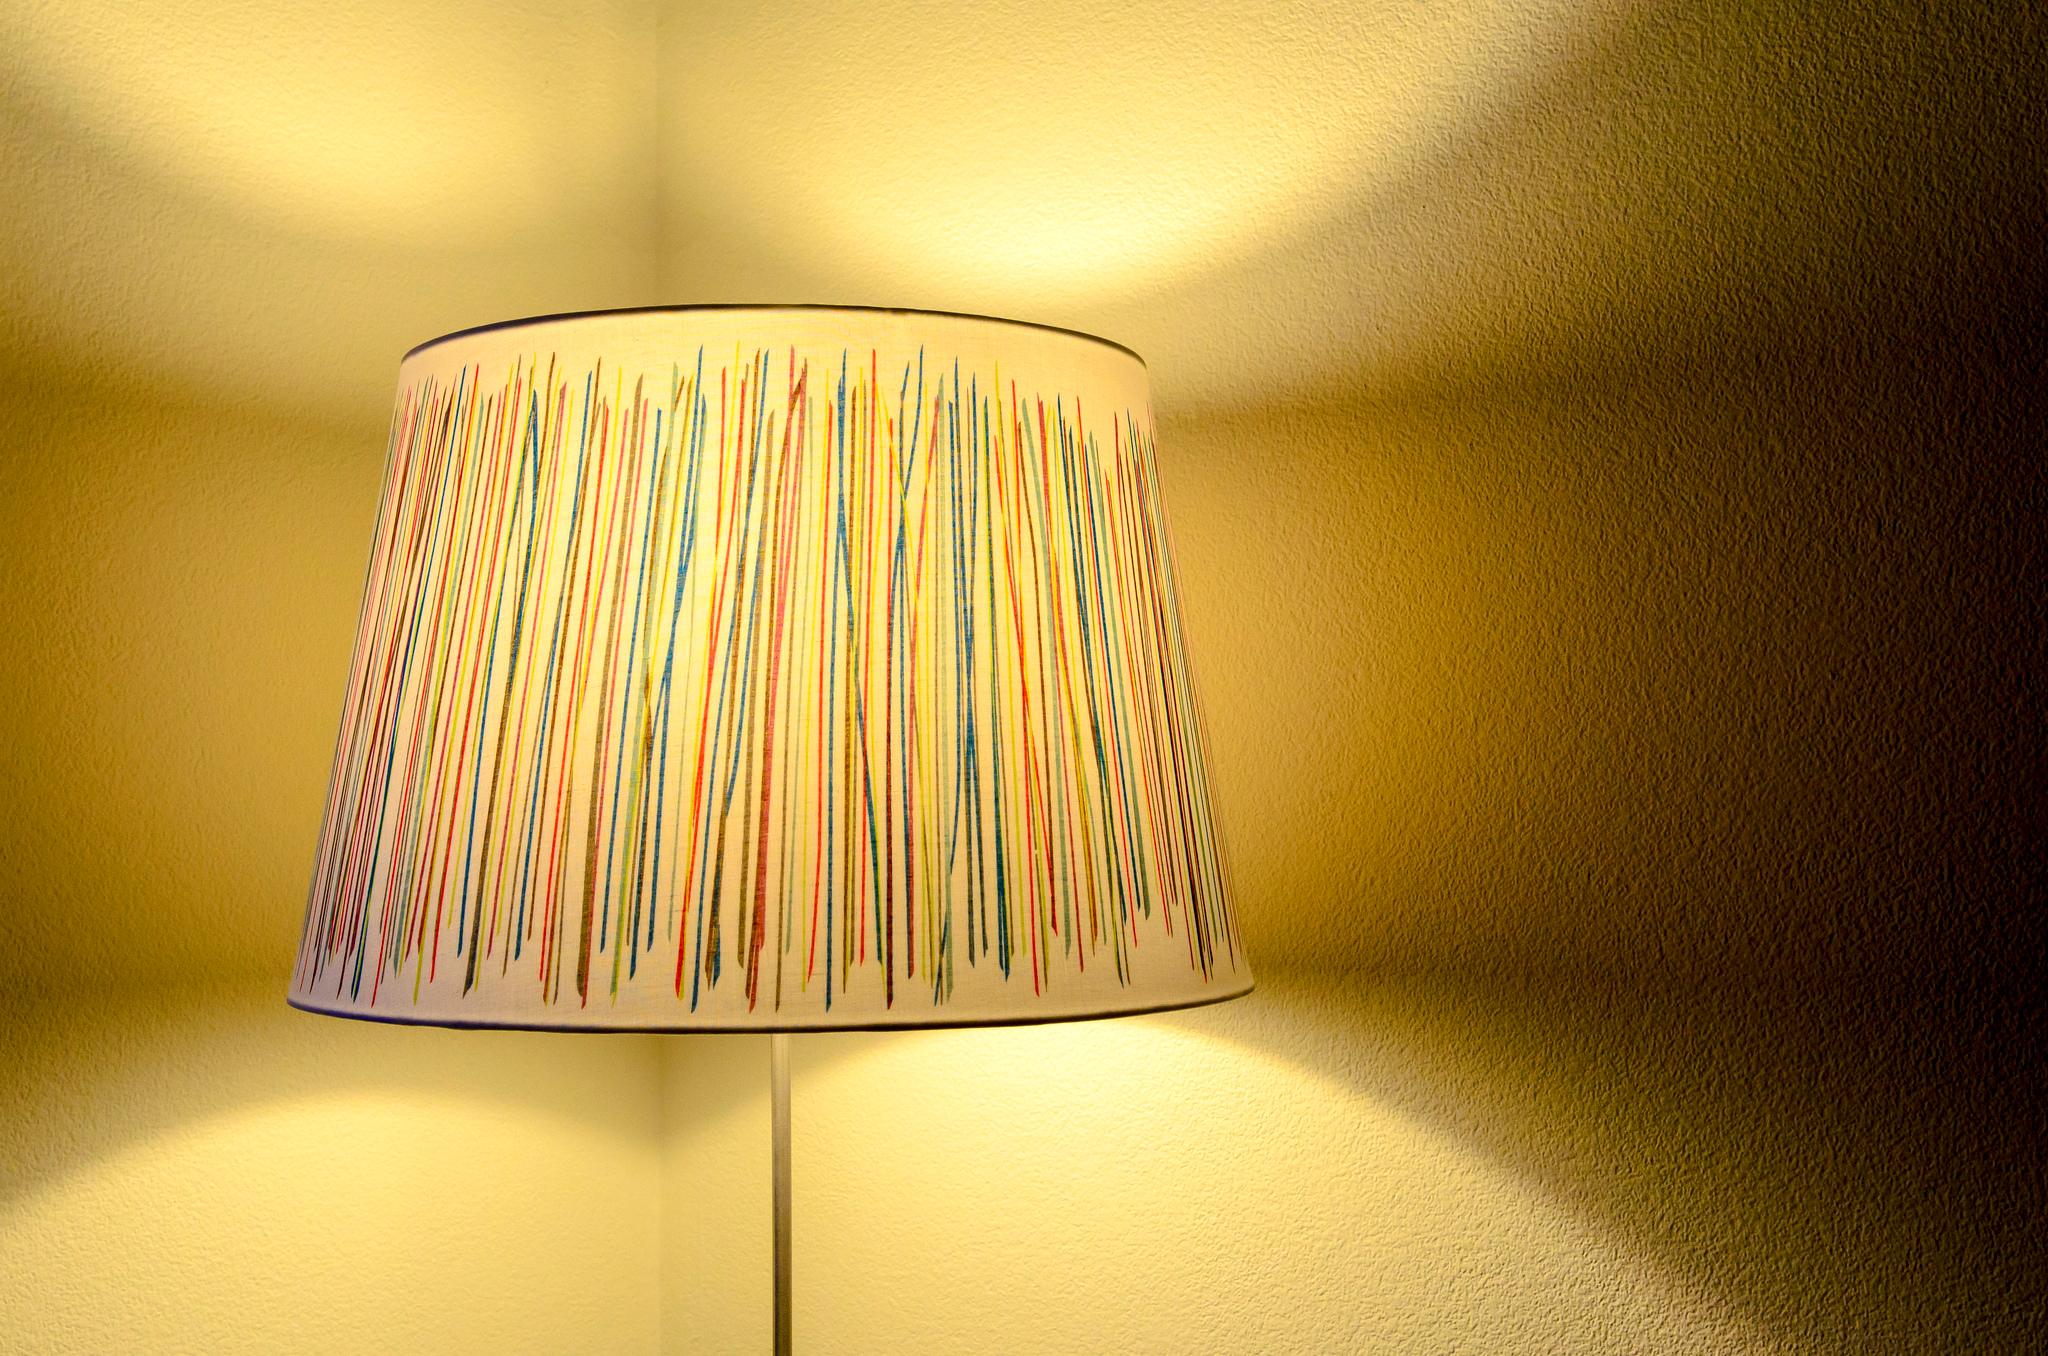 Как сделать плафон для лампы из проволоки своими руками